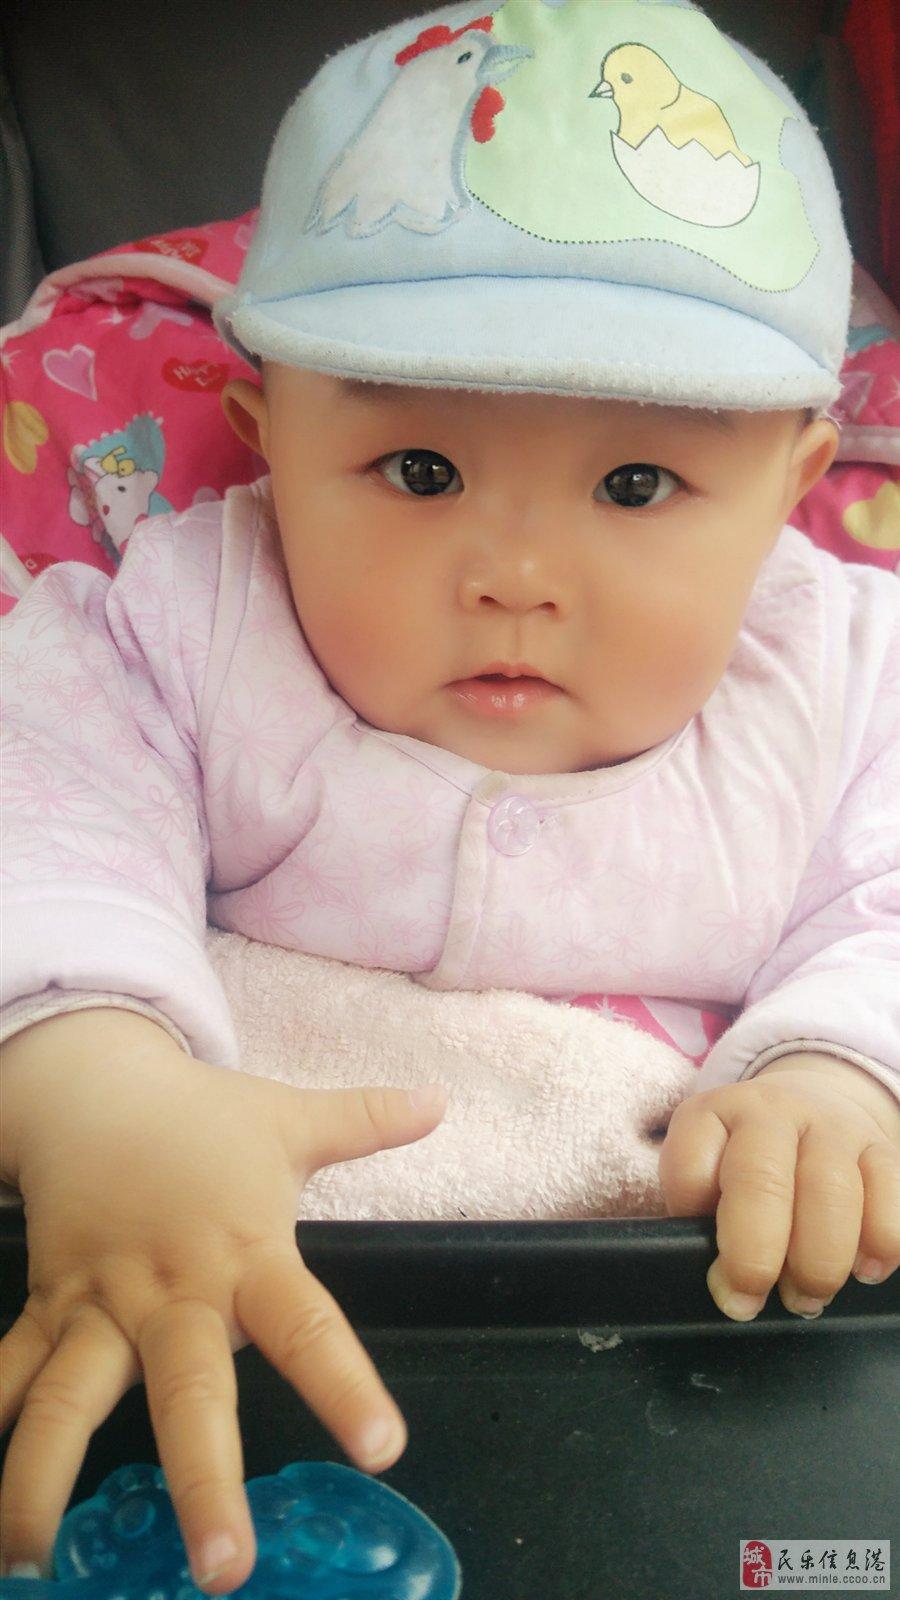 宝宝 壁纸 孩子 小孩 婴儿 900_1600 竖版 竖屏 手机